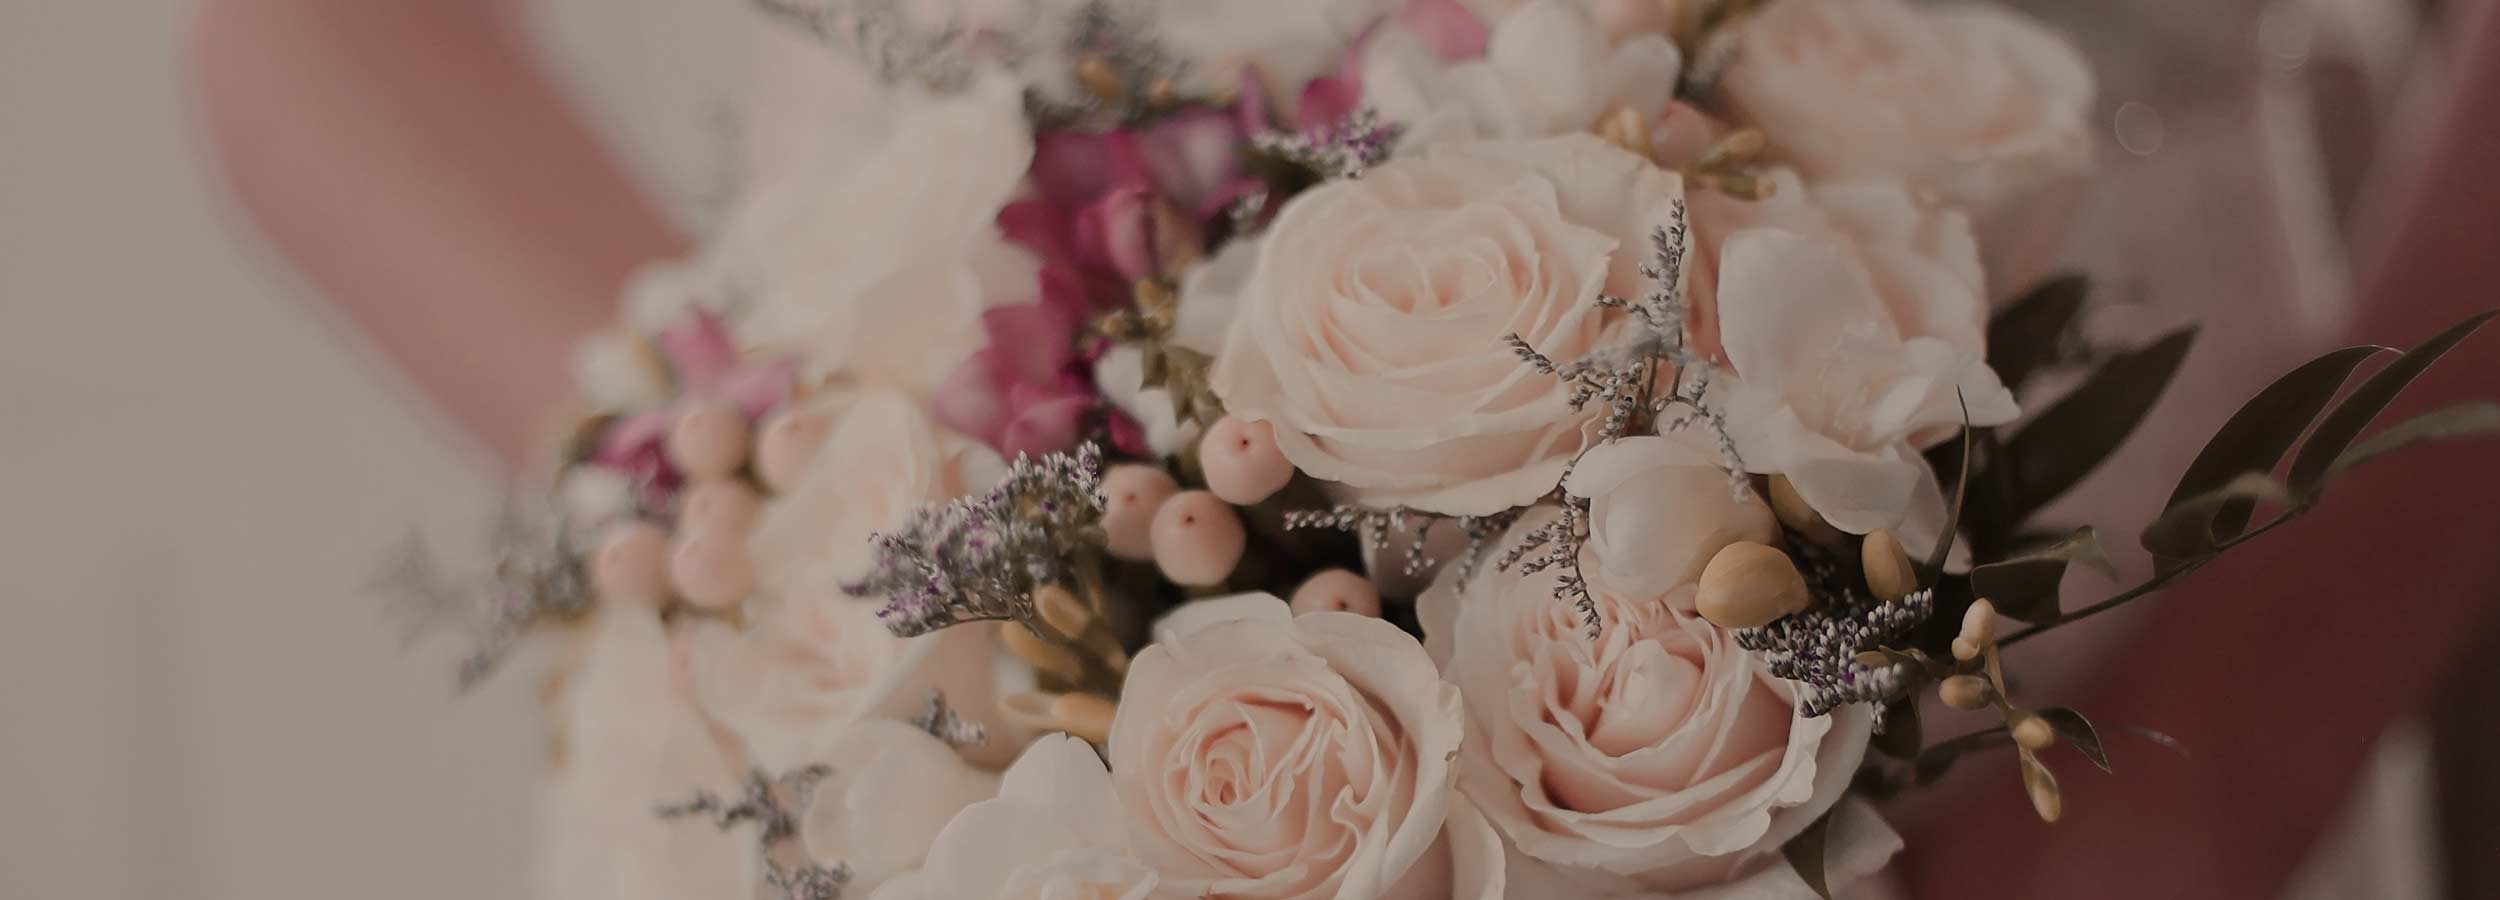 Bröllopsbukett med vackra blommor på Falkenberg Strandbad